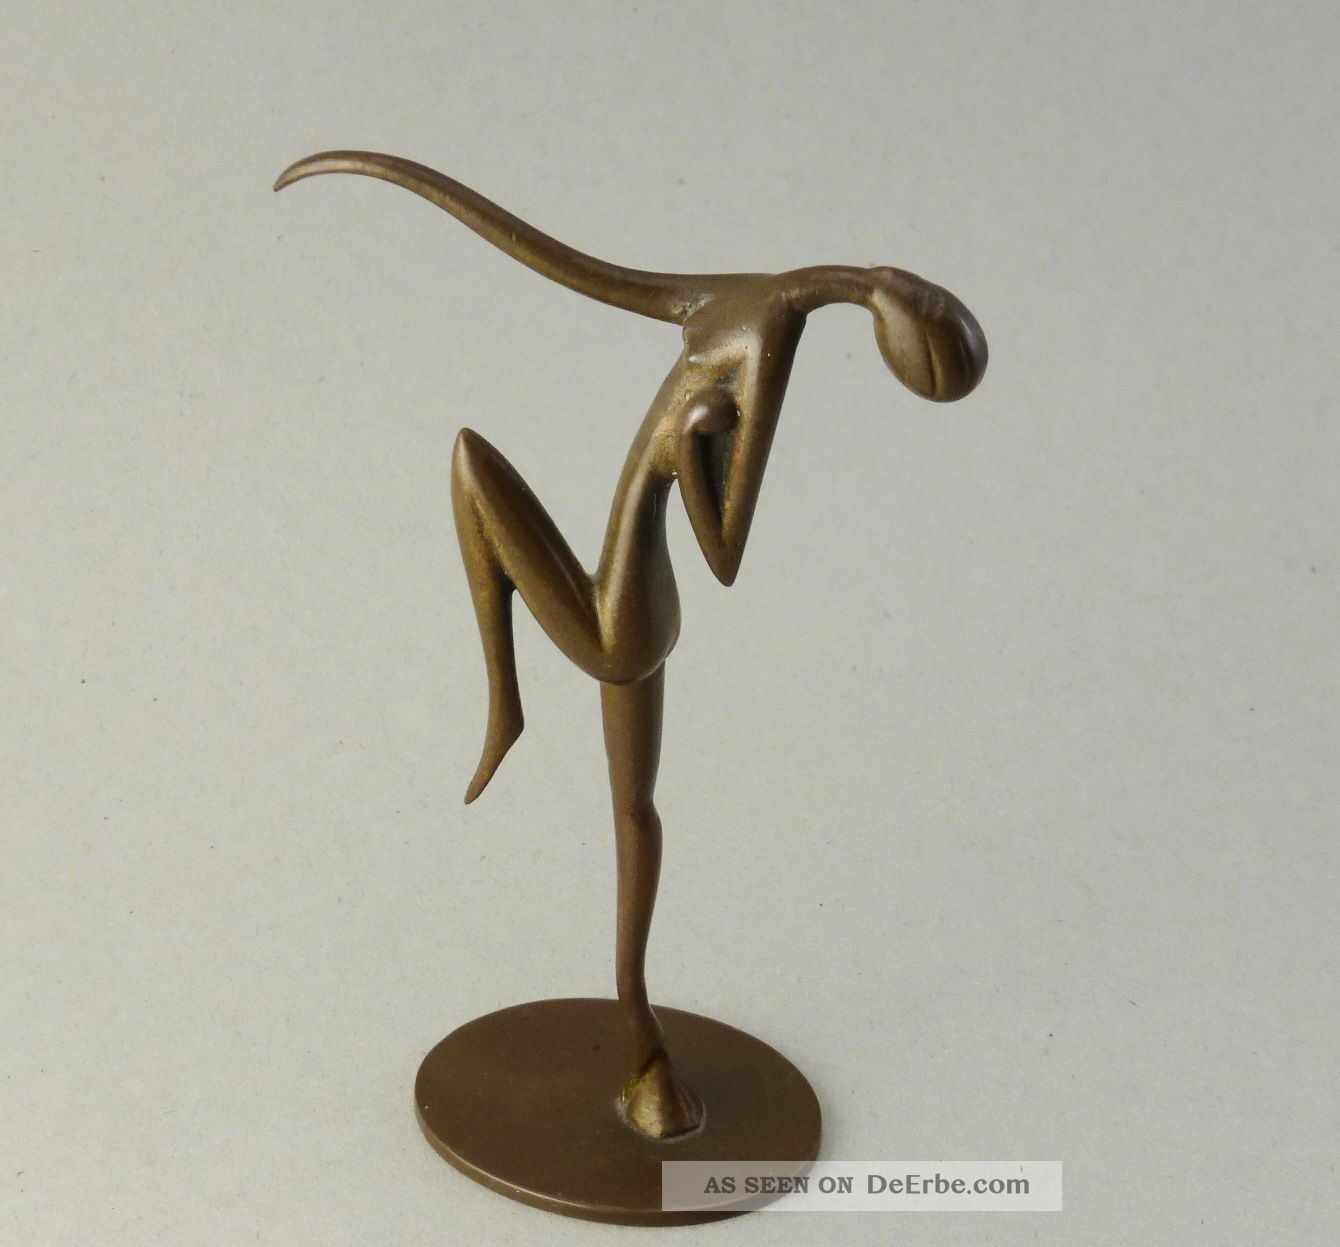 Design & Stil - 1920-1949, Art Déco - Metallobjekte - Antiquitäten